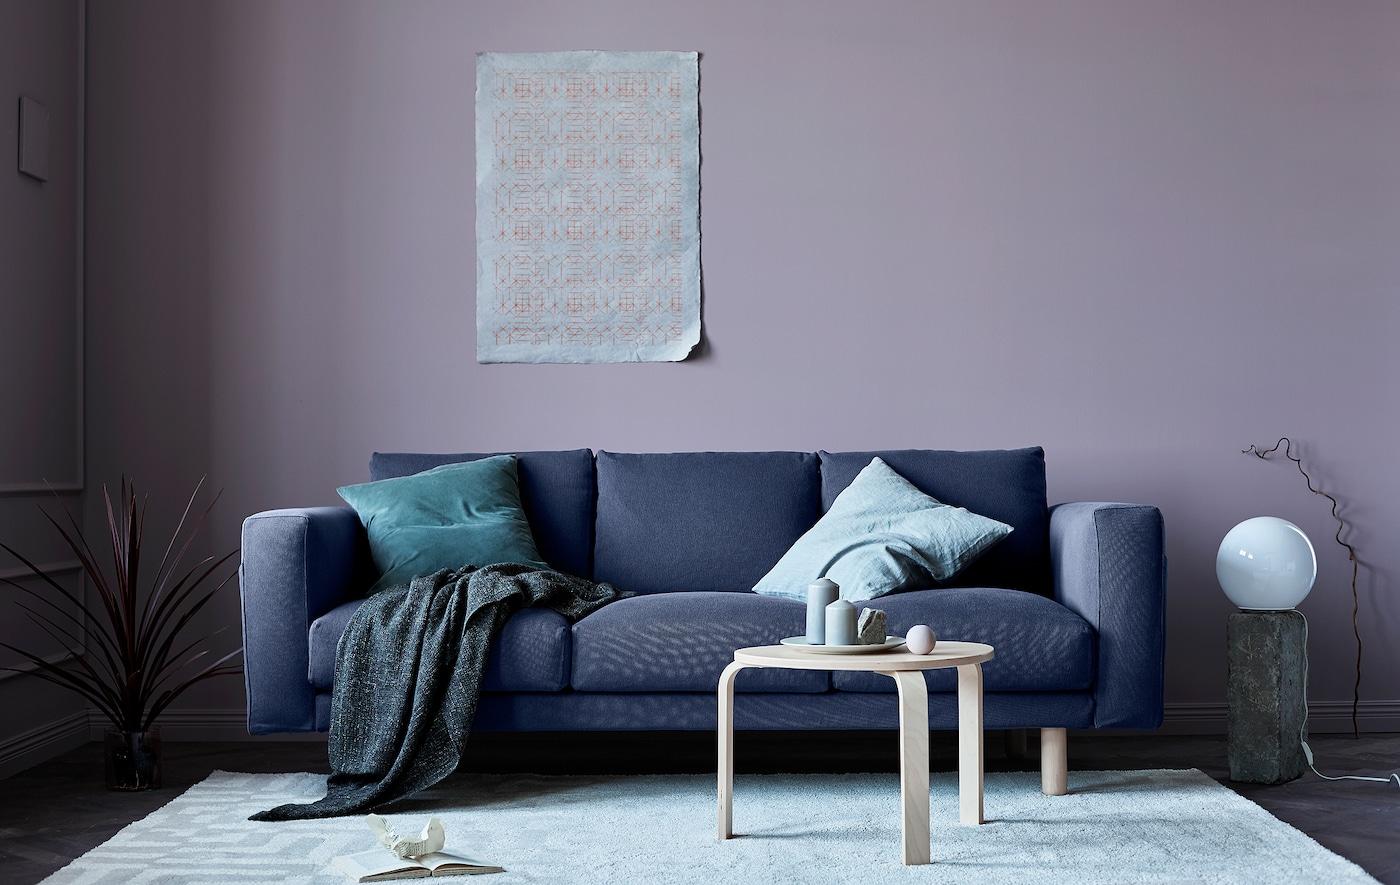 Séjour relooké pour l'automne avec canapé gris, murs roses, couvertures et éléments naturels.